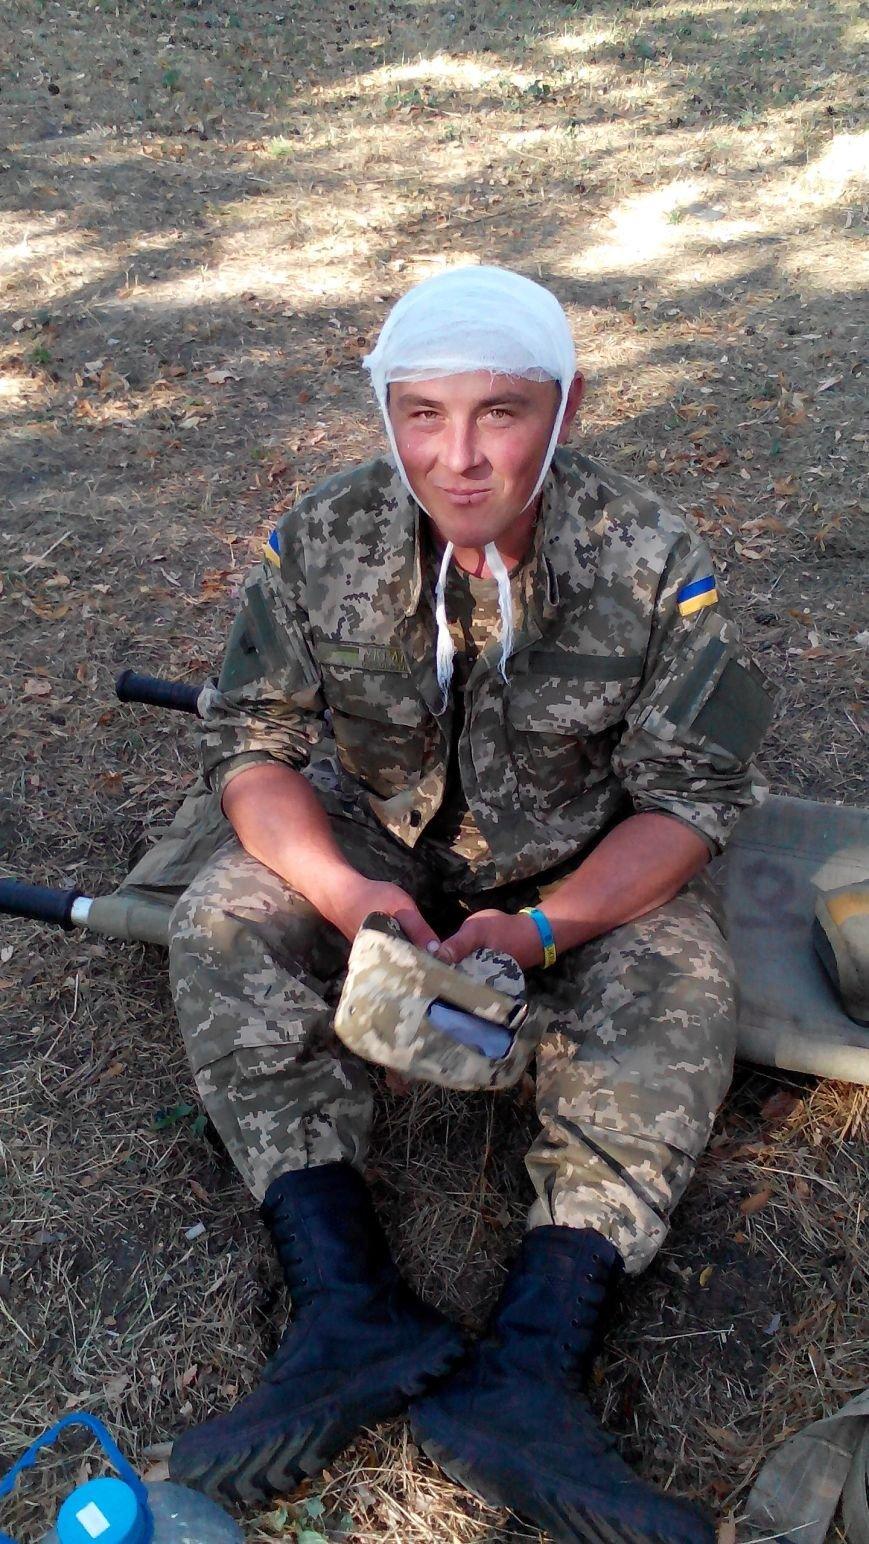 Патриоты Доброполья смогут оказать достойную медицинскую помощь на поле боя, фото-1